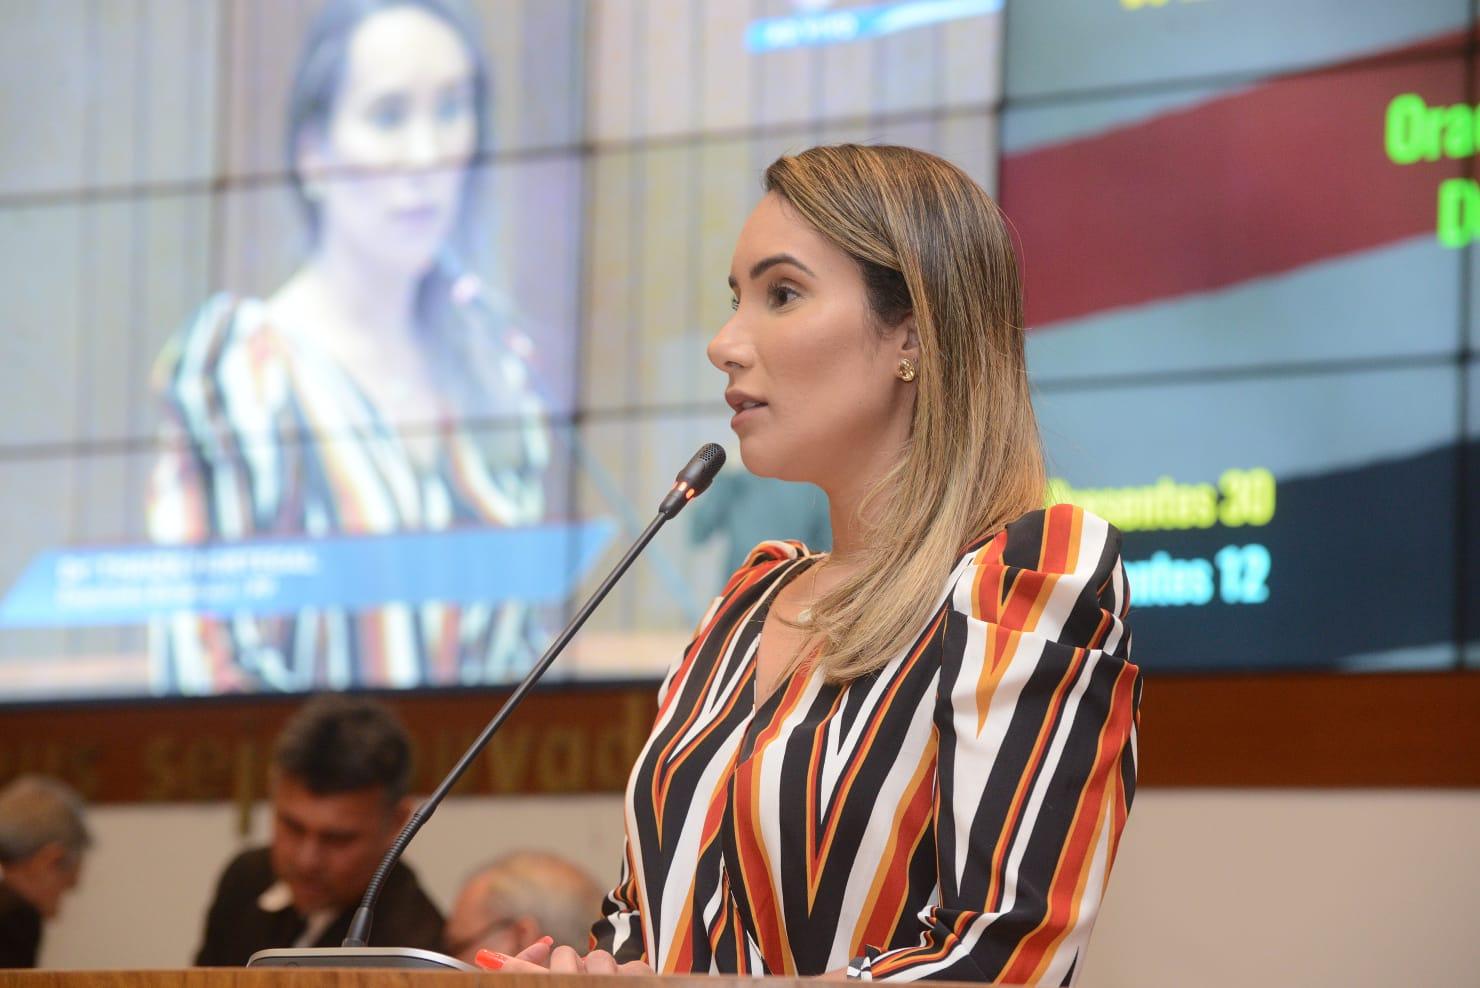 Thaiza Hortegal cobra fiscalização e melhor atendimento do serviço de Ferry Boat